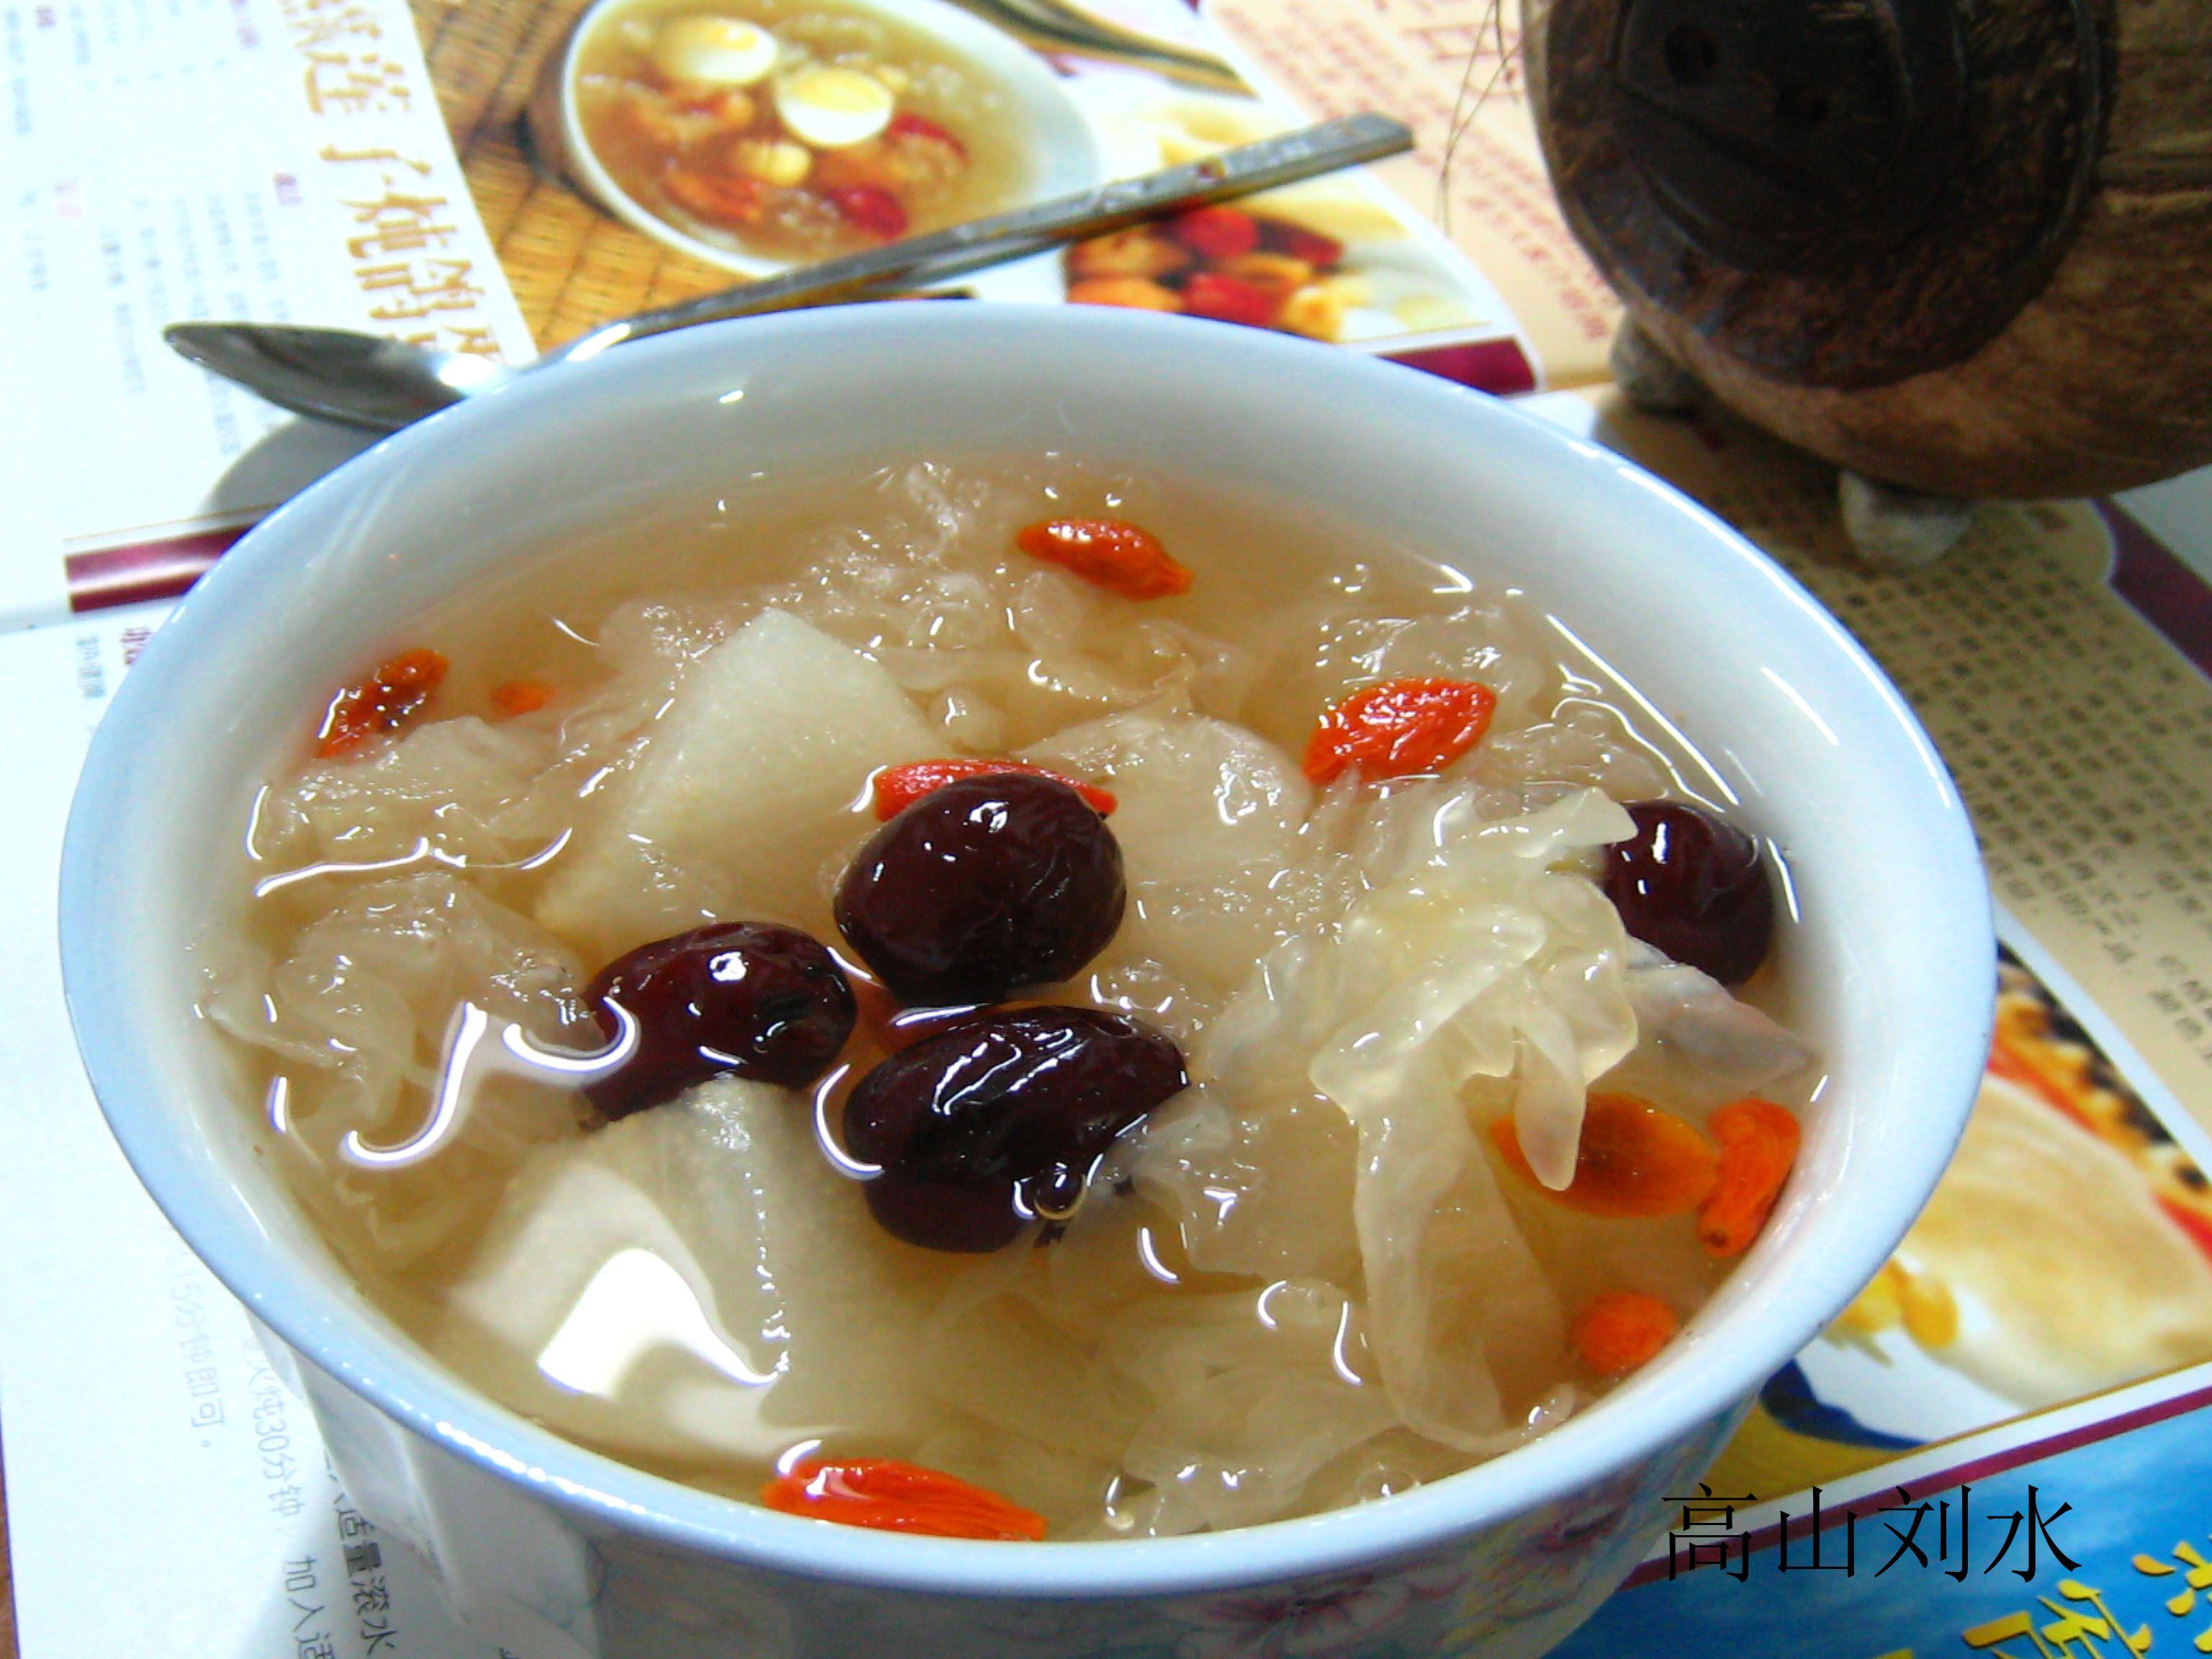 bai-thuoc-chua-viem-xoang-tu-nam-meo-va-duong-phen-3